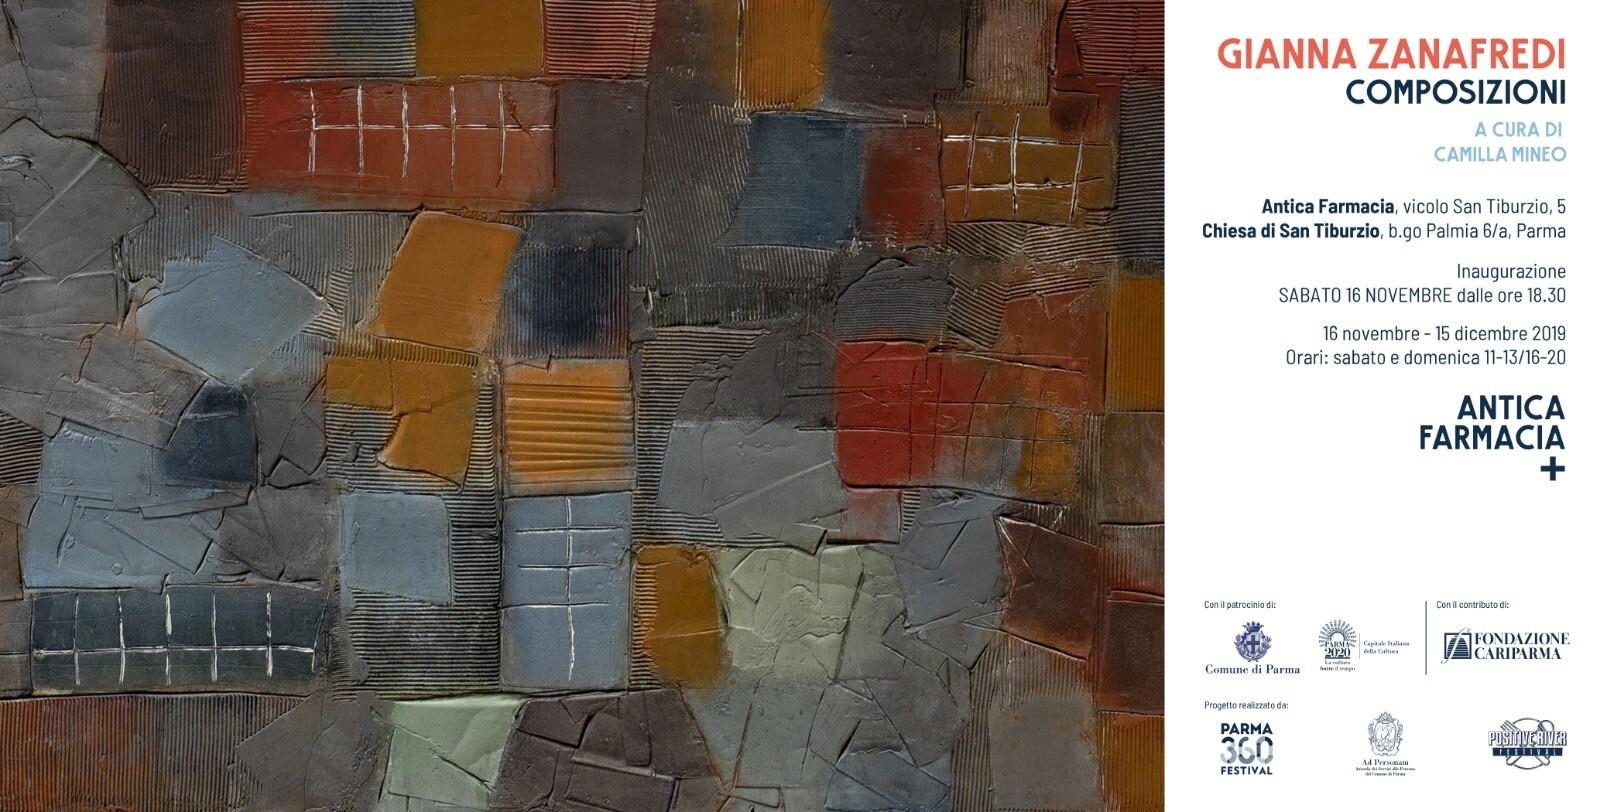 Composizioni, mostra dell'artista Gianna Zanafredi